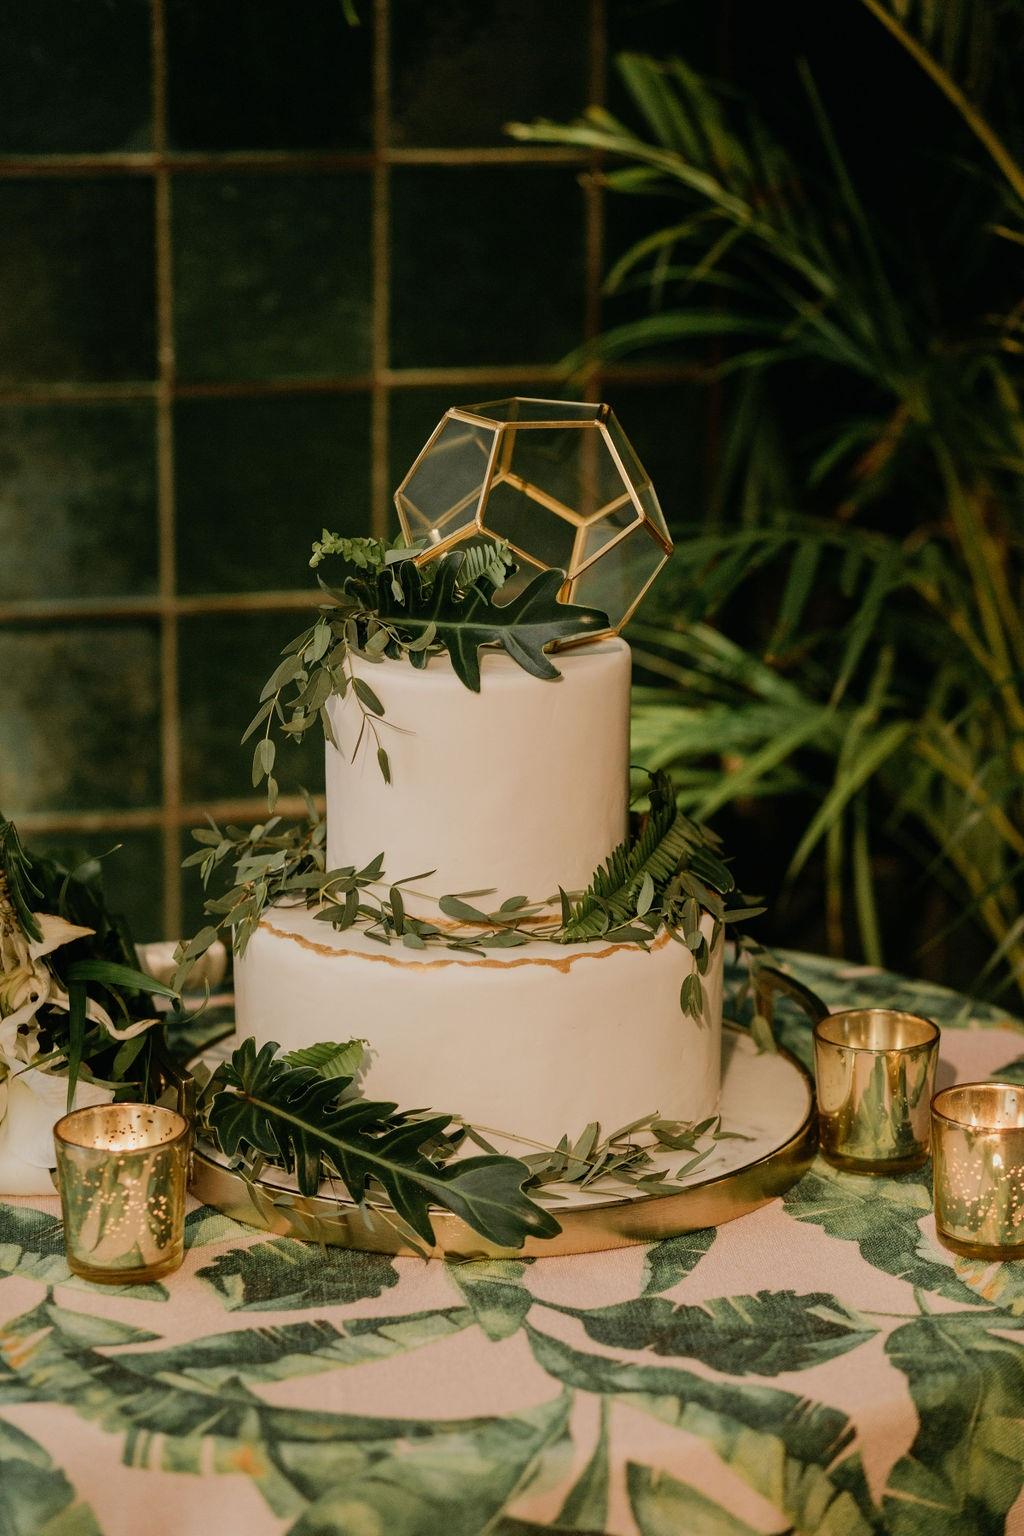 White fondant boho styled cake